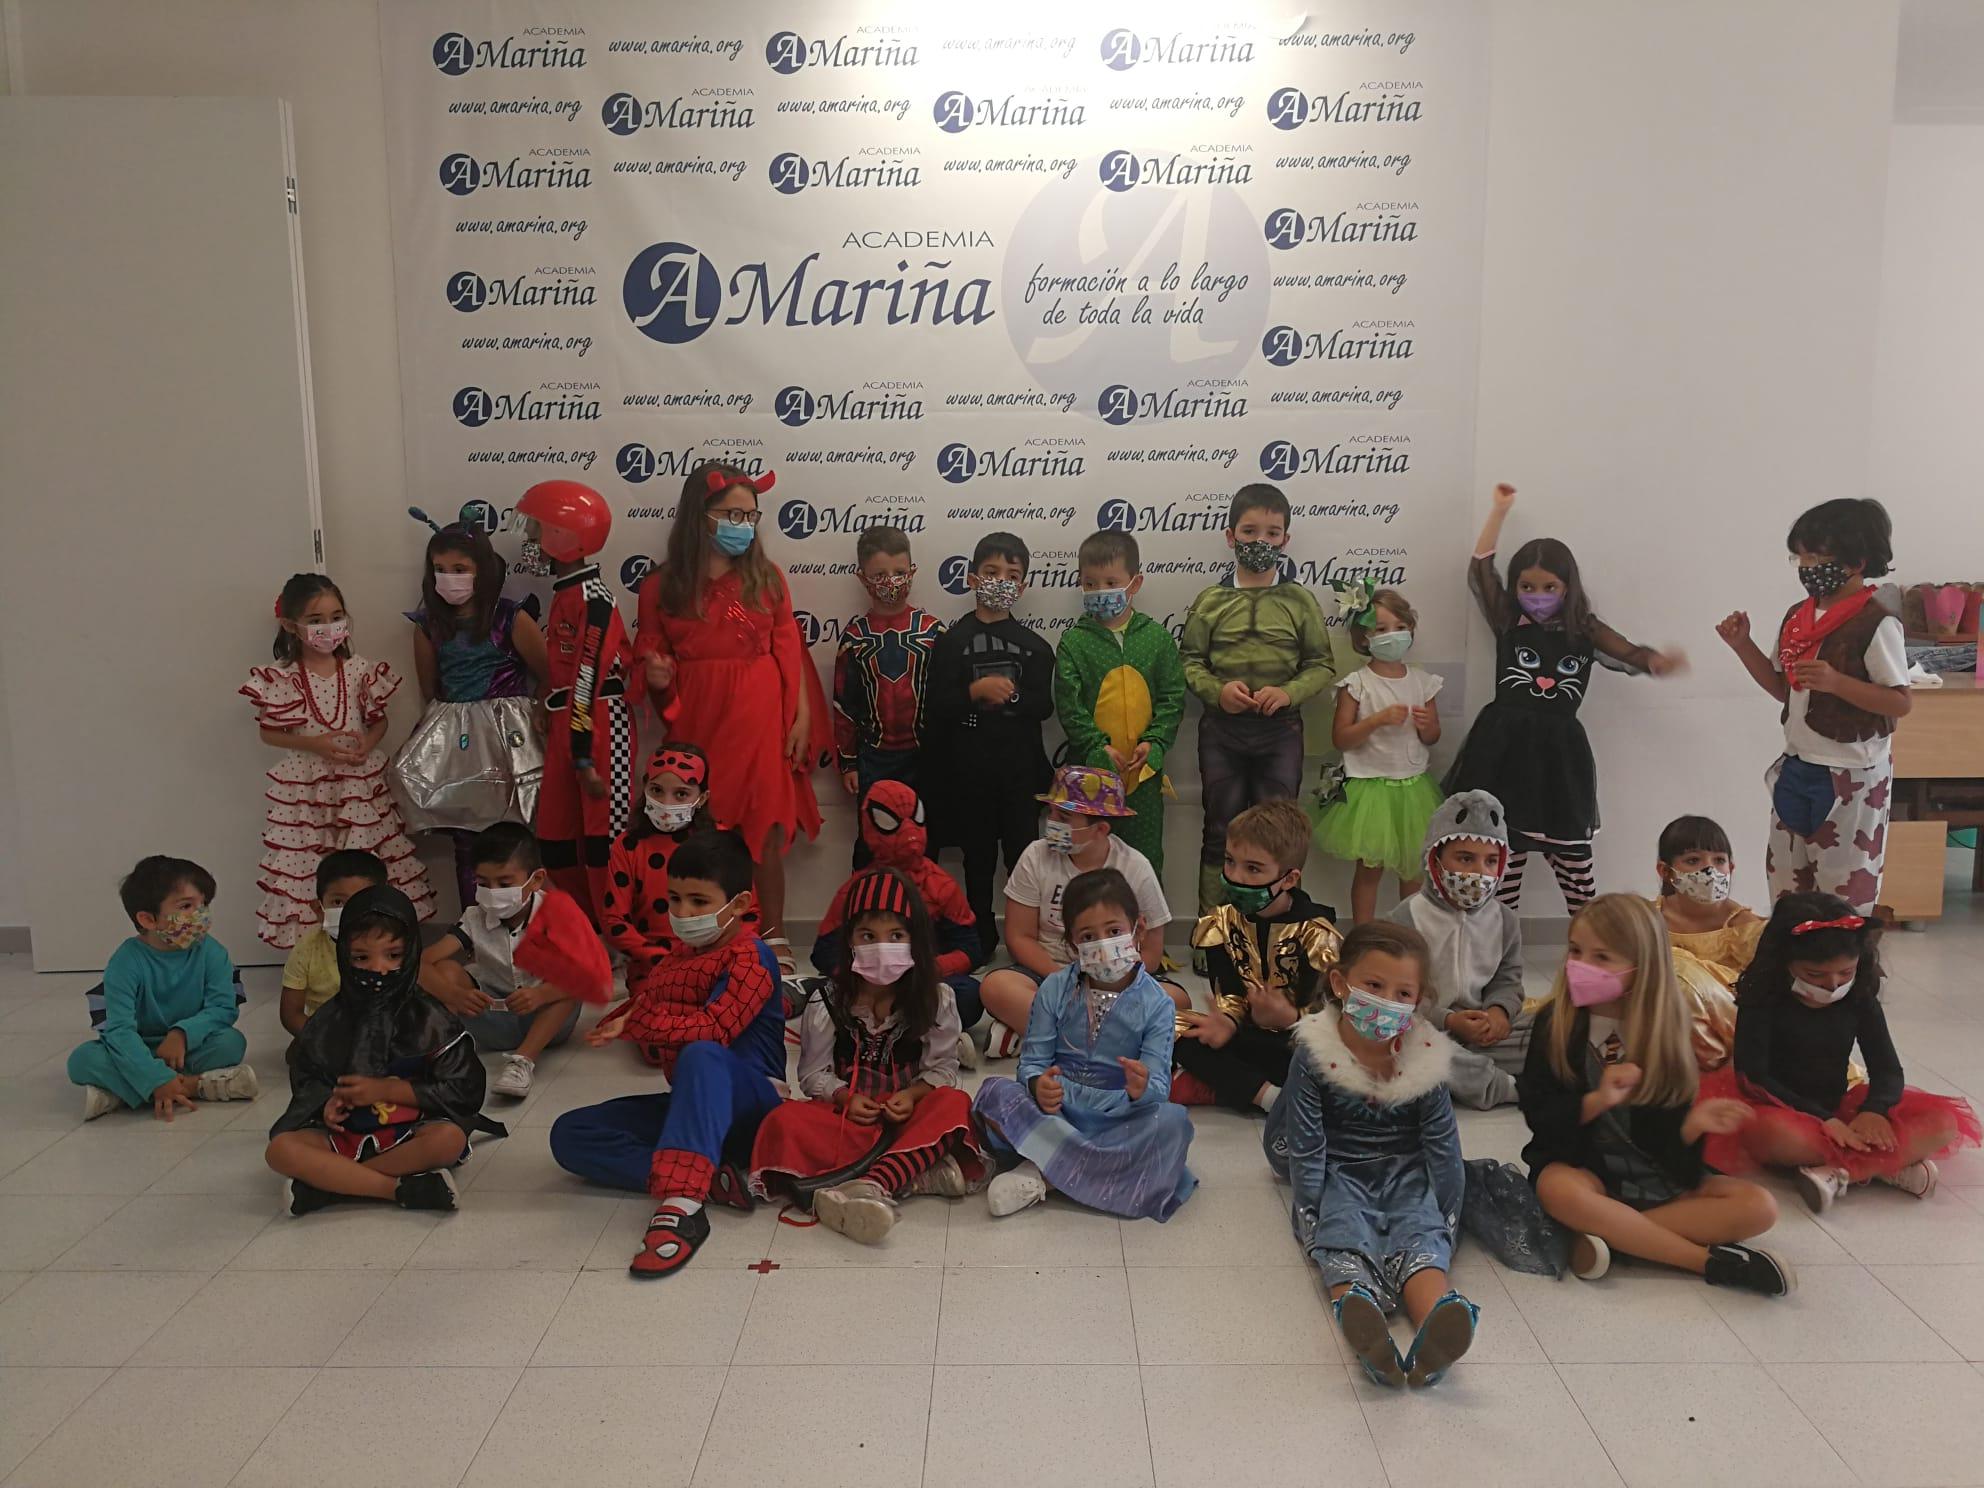 Ata o 14 de setembro pódese visitar na oficina de turismo de Ribadeo unha exposición de pirogravados de Antonio Martínez